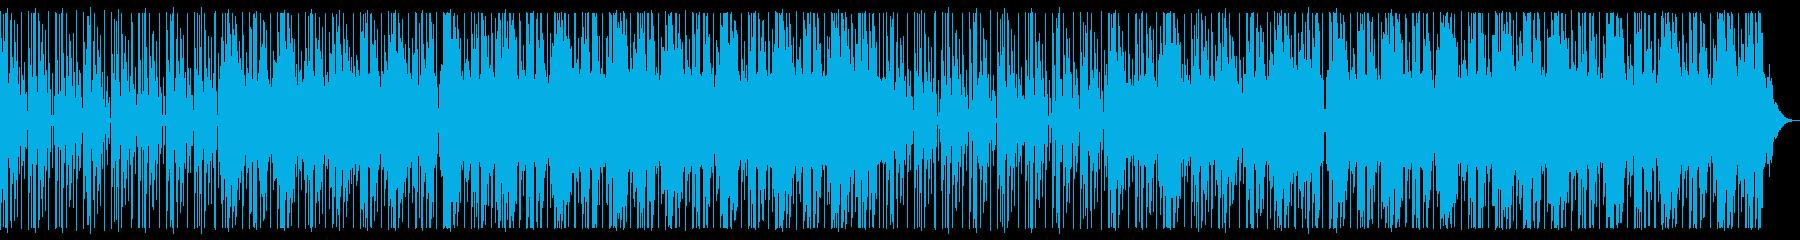 寂しげなR&Bの再生済みの波形